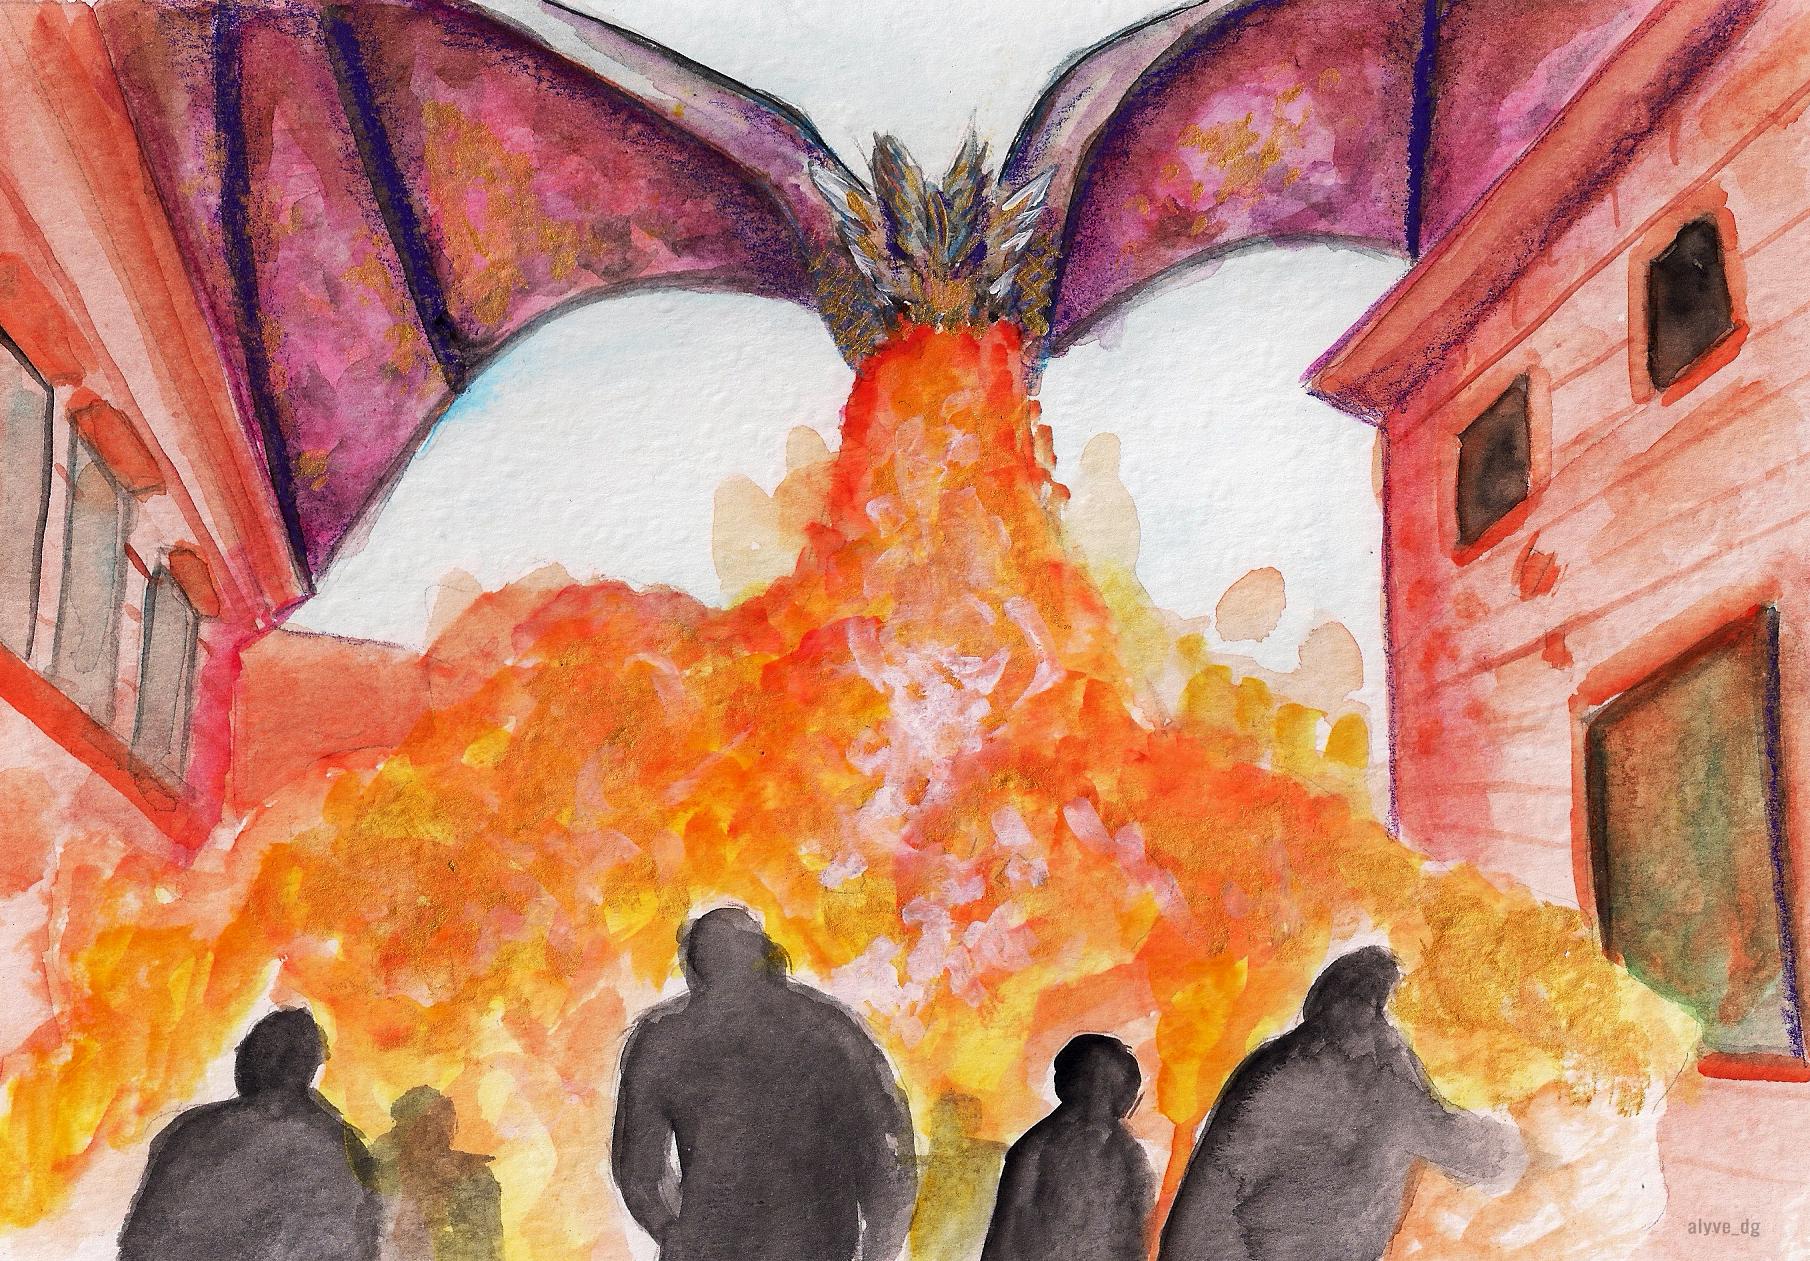 Ilustración por Alyssa Vega